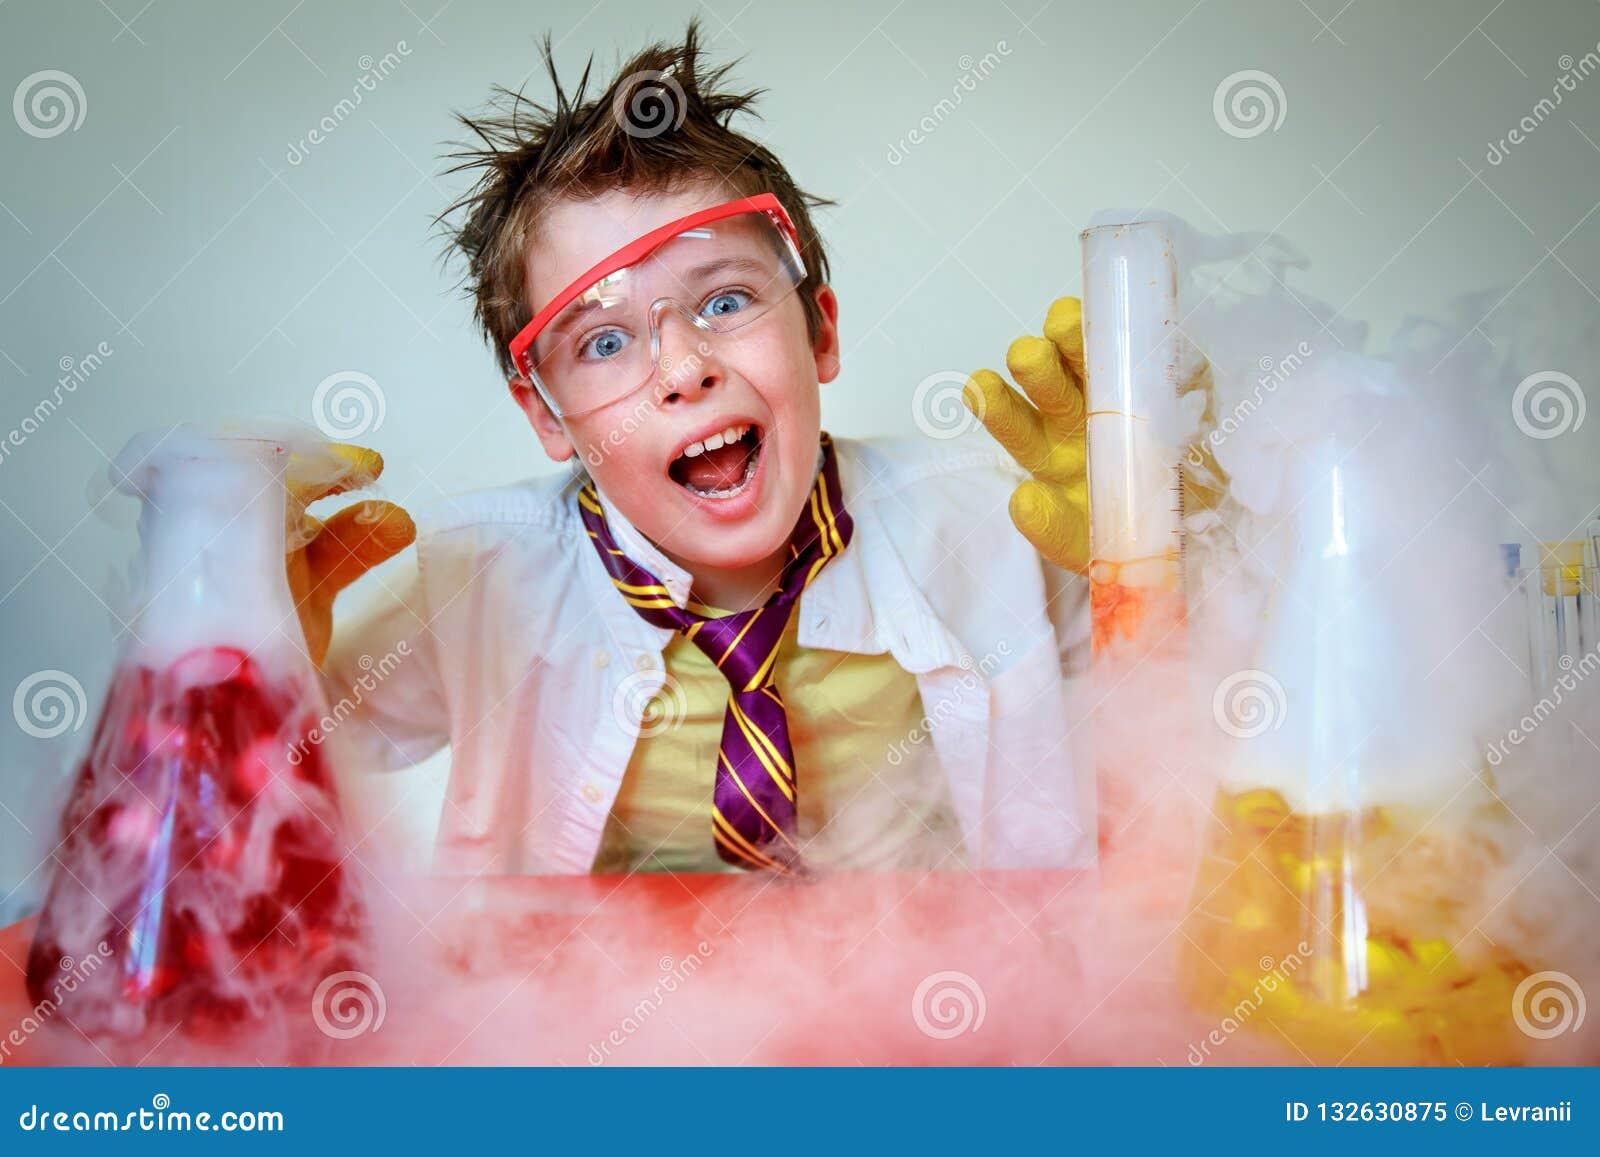 Сумасшедший ученый выполняя эксперименты в лаборатории